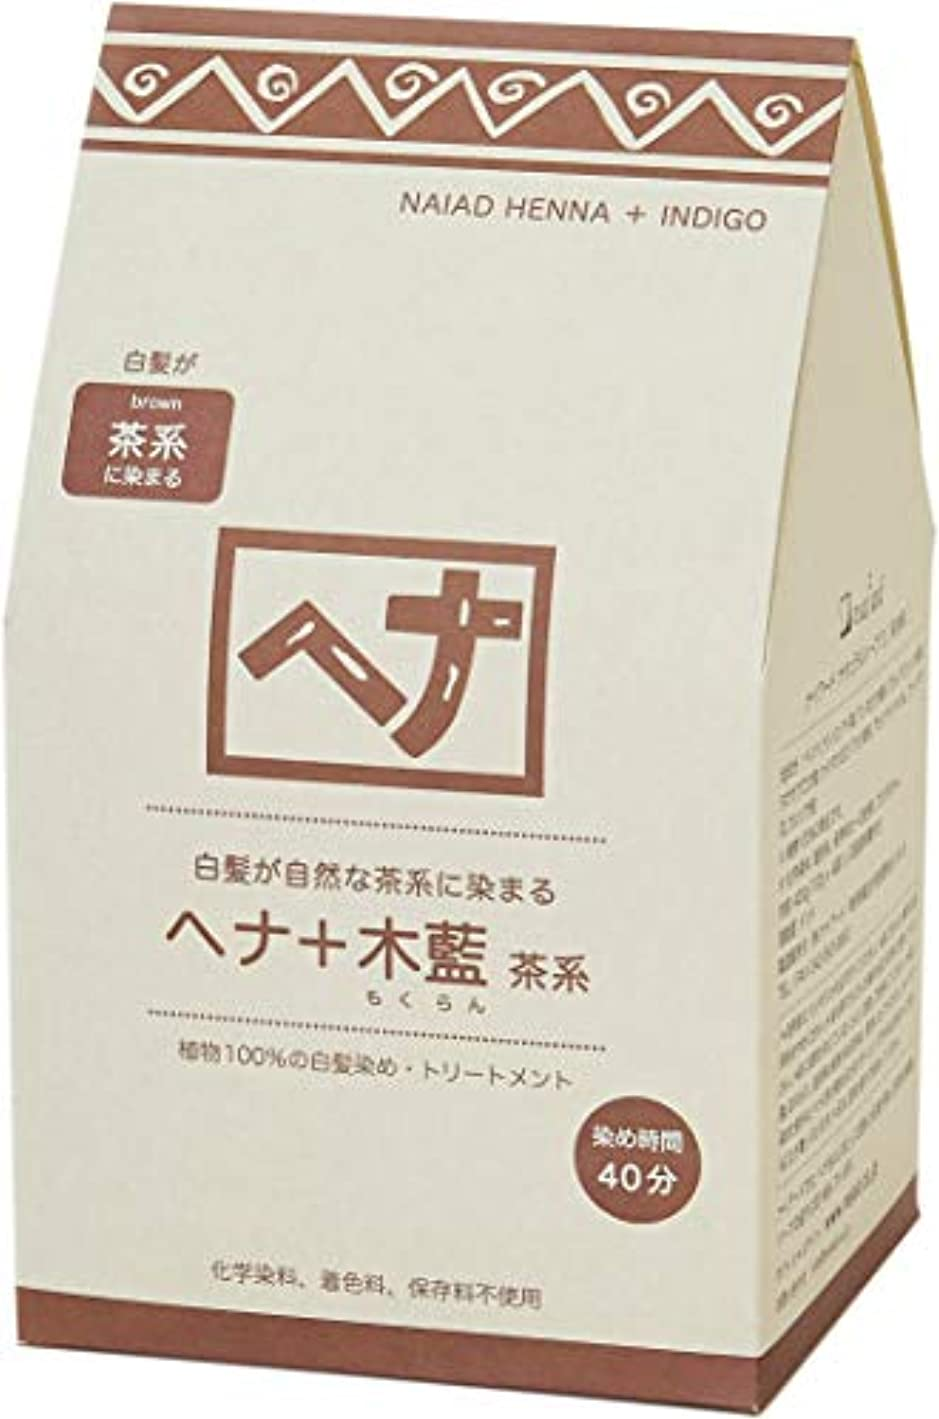 シンプトンメタルライン自治Naiad(ナイアード) ヘナ+木藍 茶系 400g